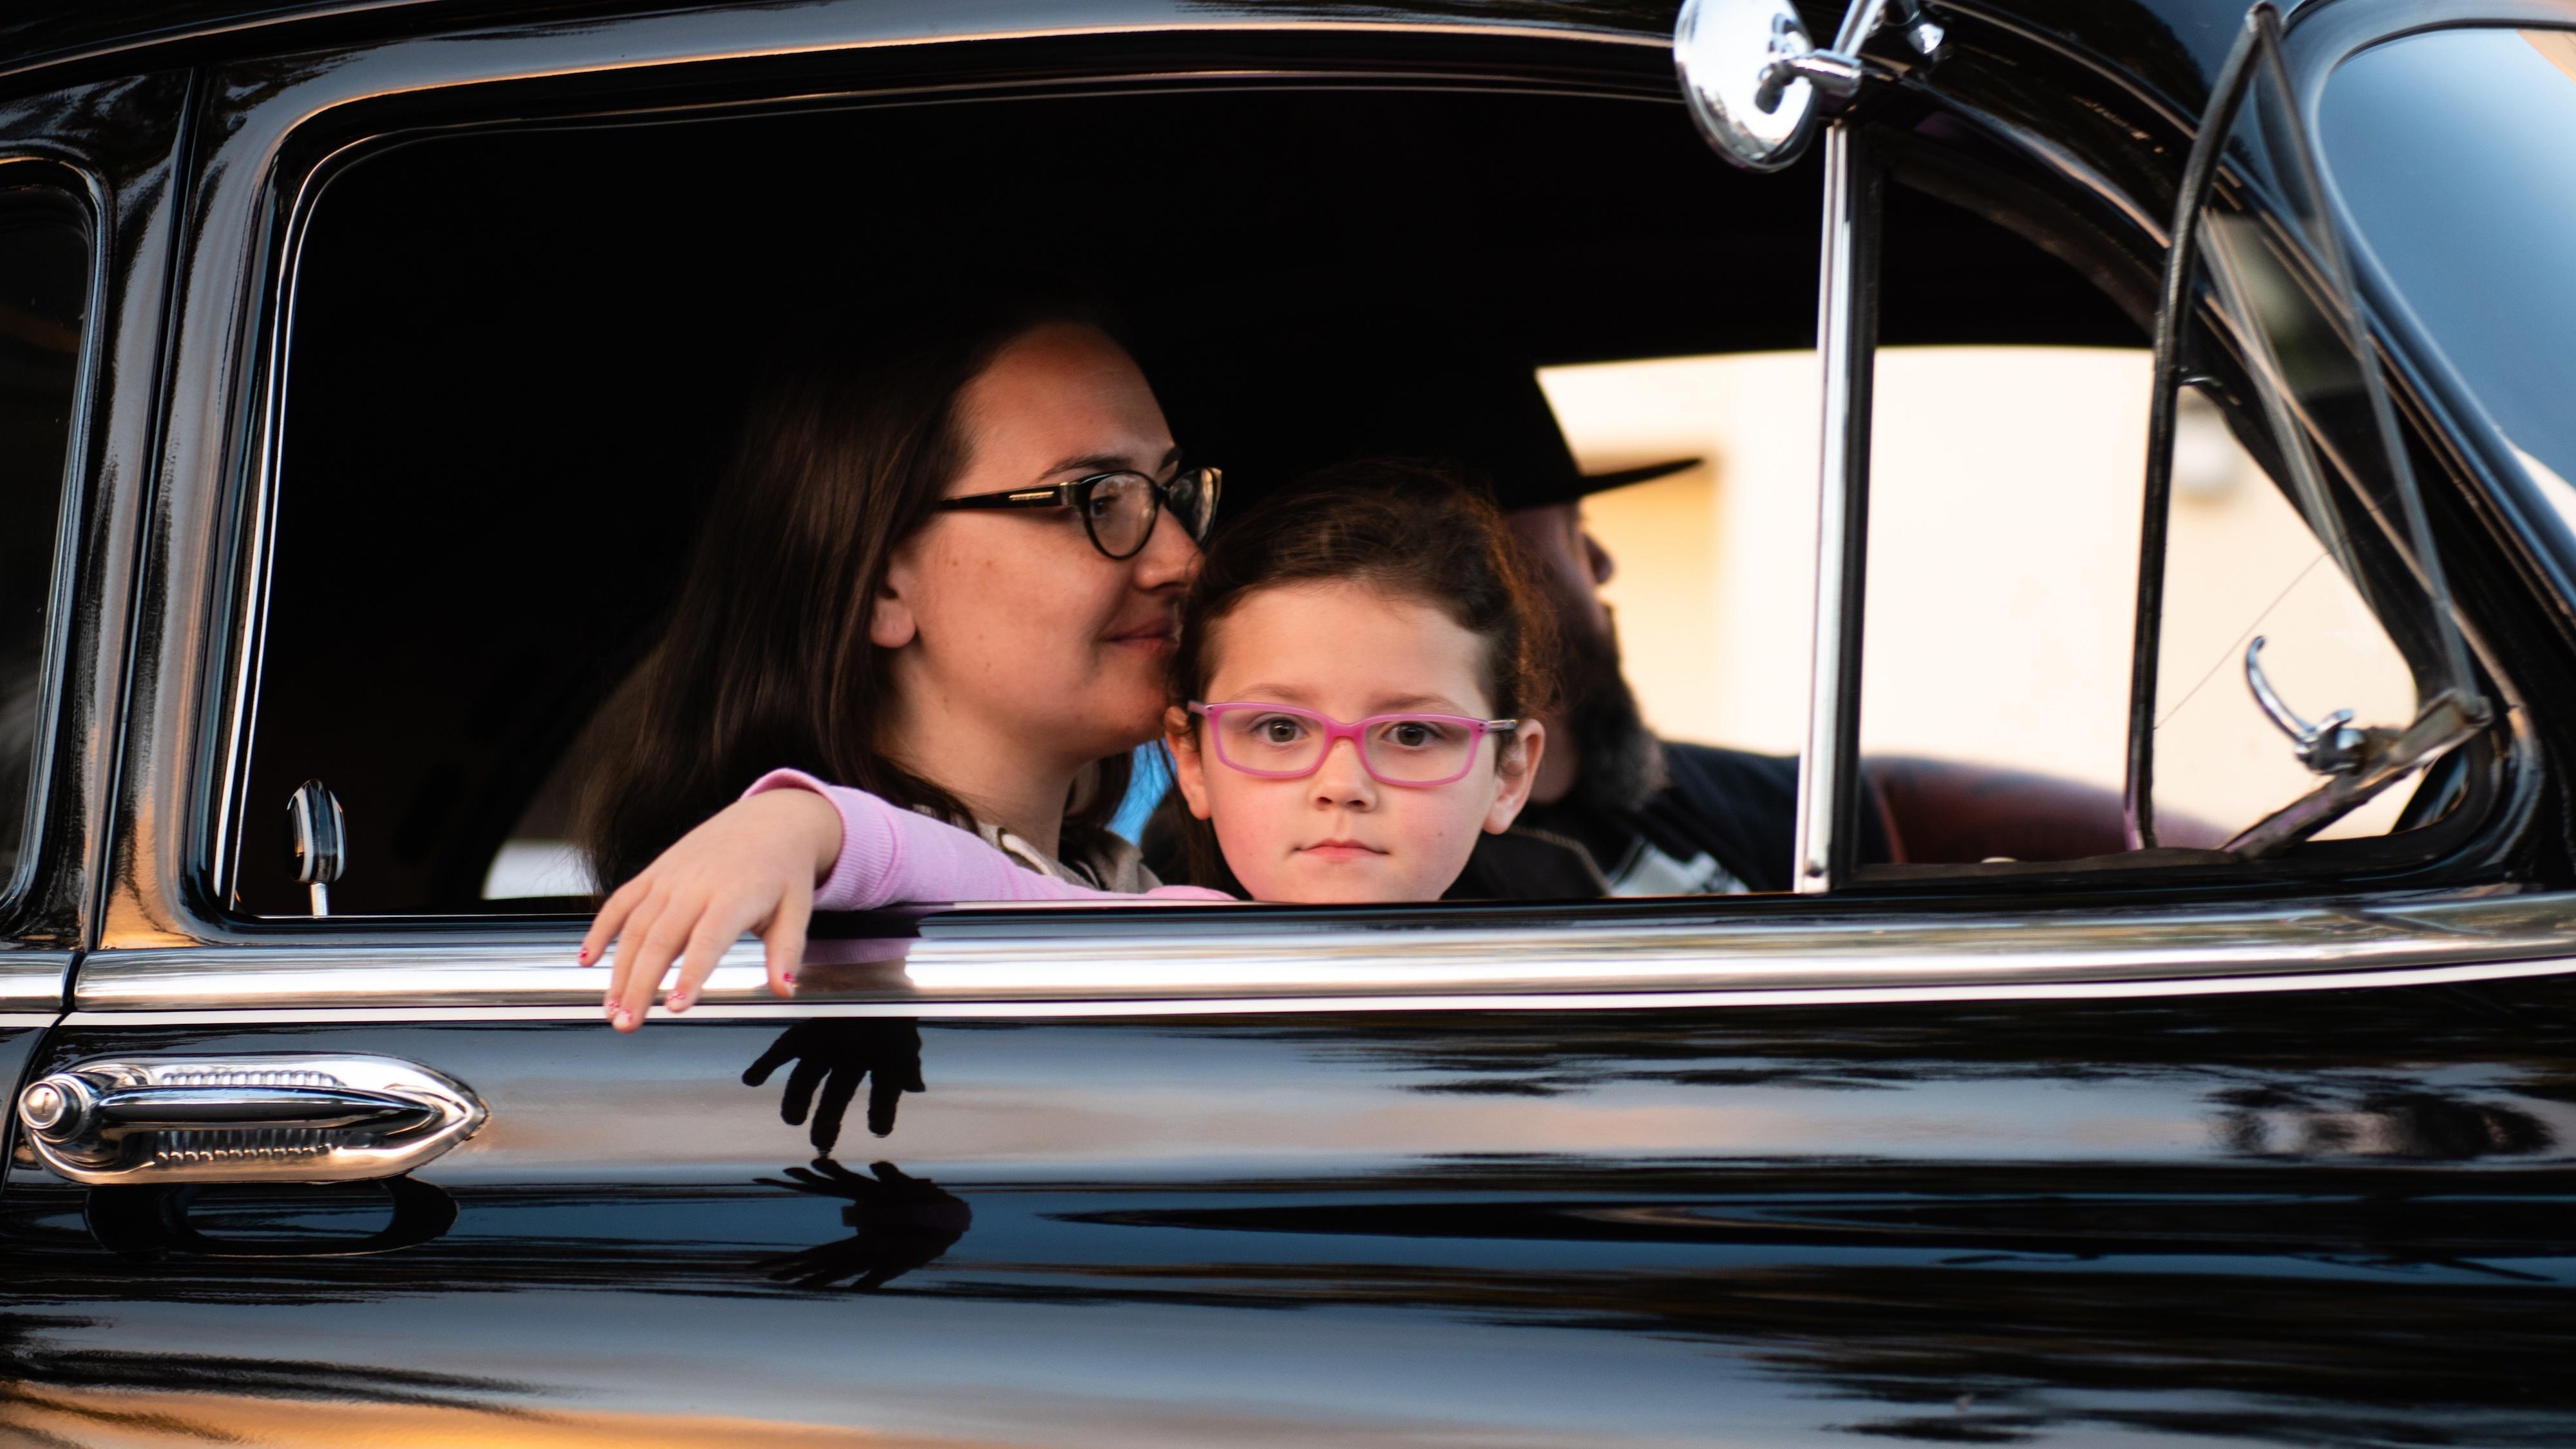 Kinder unter 12 Jahren dürfen zwar im Auto vorne mitfahren, allerdings nur mit passendem Kindersitz.